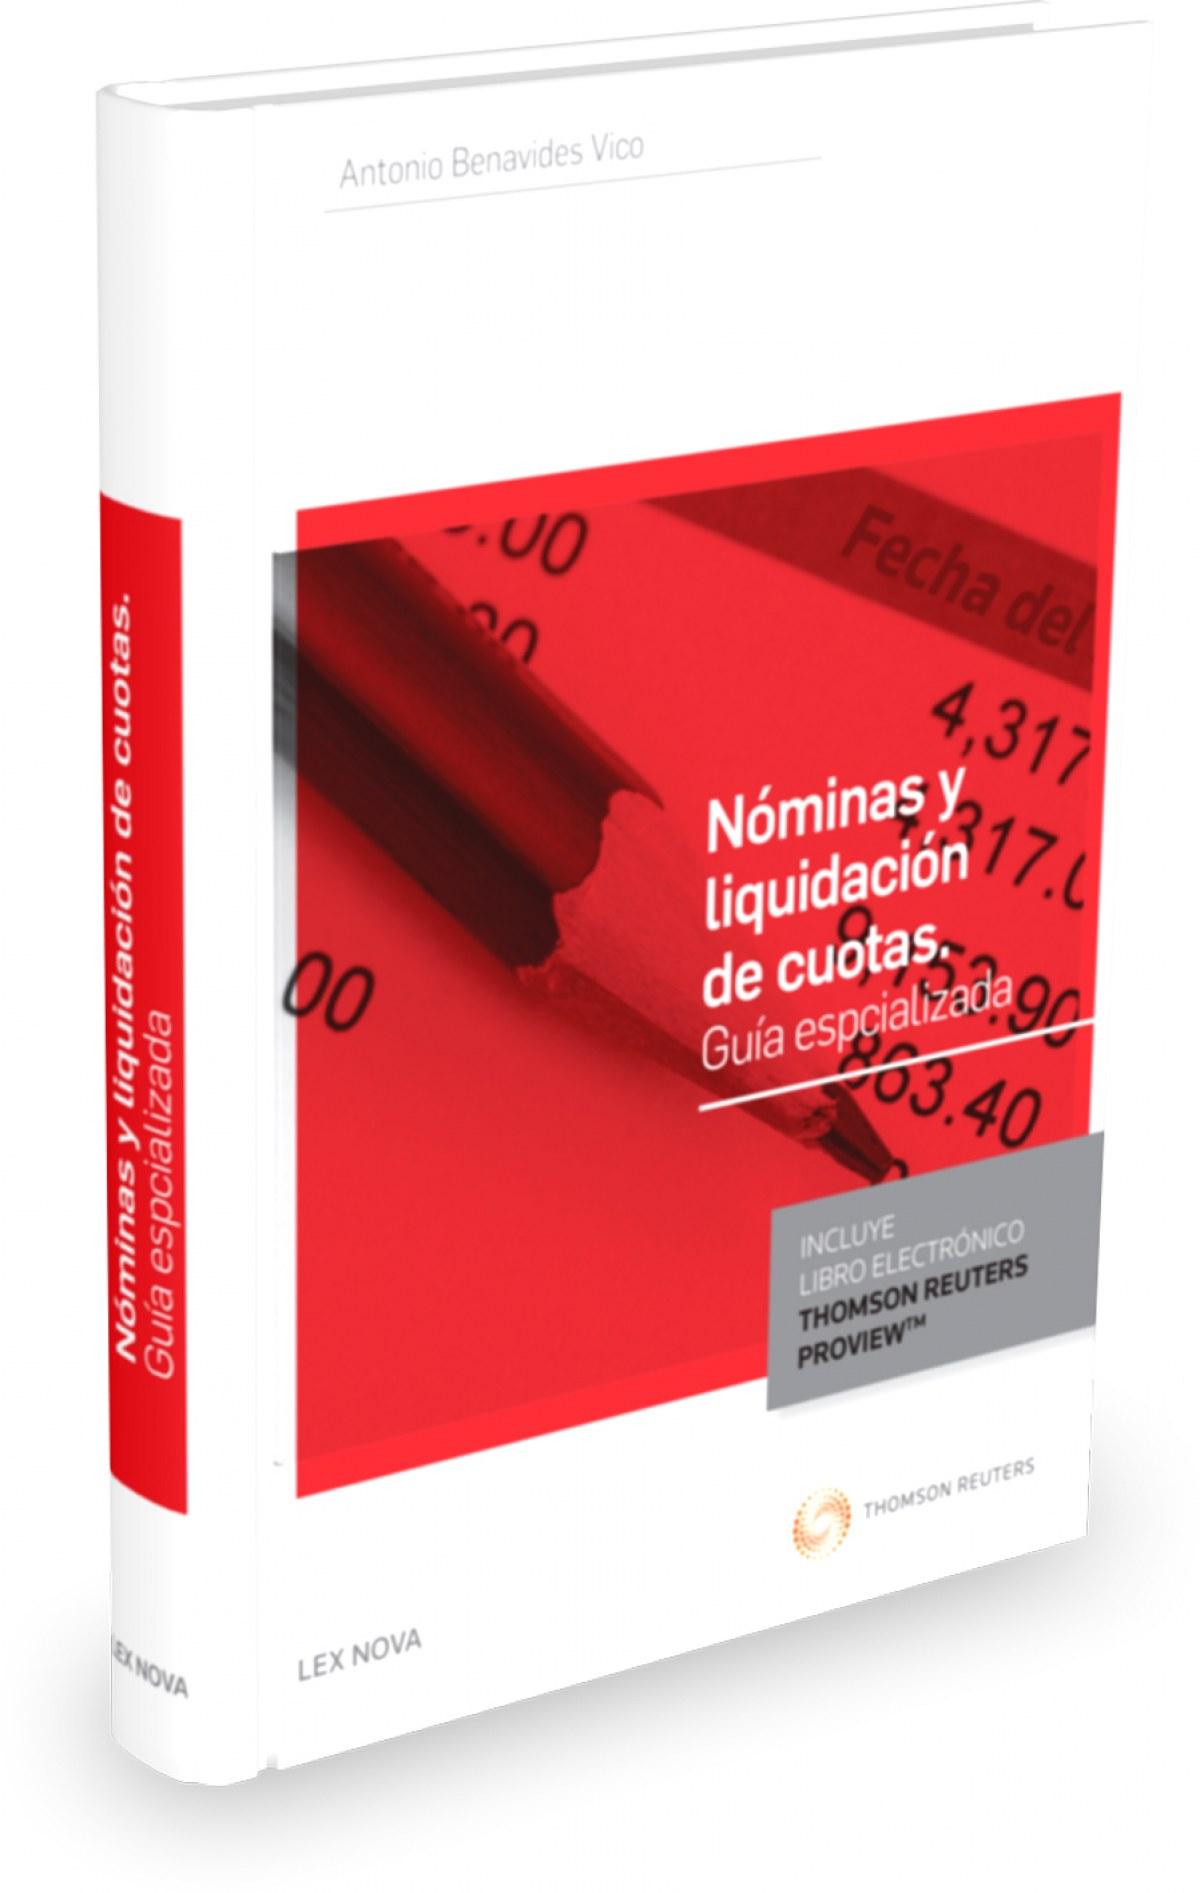 NOMINAS Y LIQUIDACION DE CUOTAS. GUIA ESPECIALIZADA (PAPEL + E-BOOK)